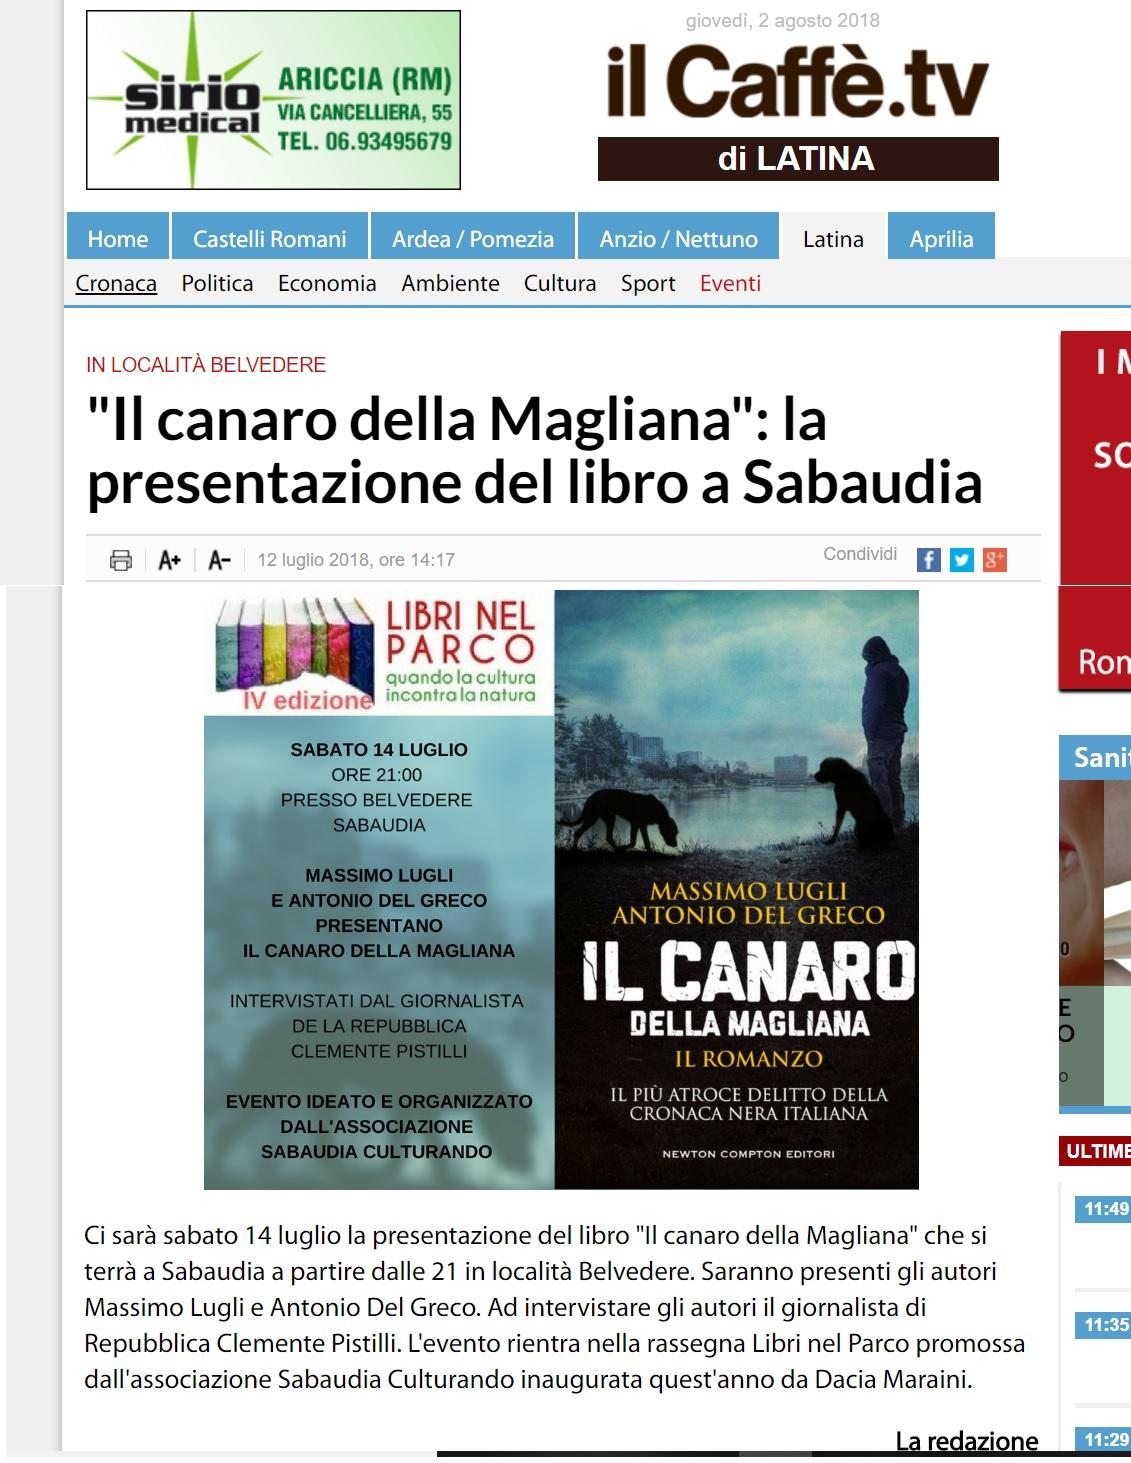 12 luglio ILCAFFE'.IT IL CANARO DELLA MAGLIANA LA PRESENTAZIONE DEL LIBRO A SABAUDIA